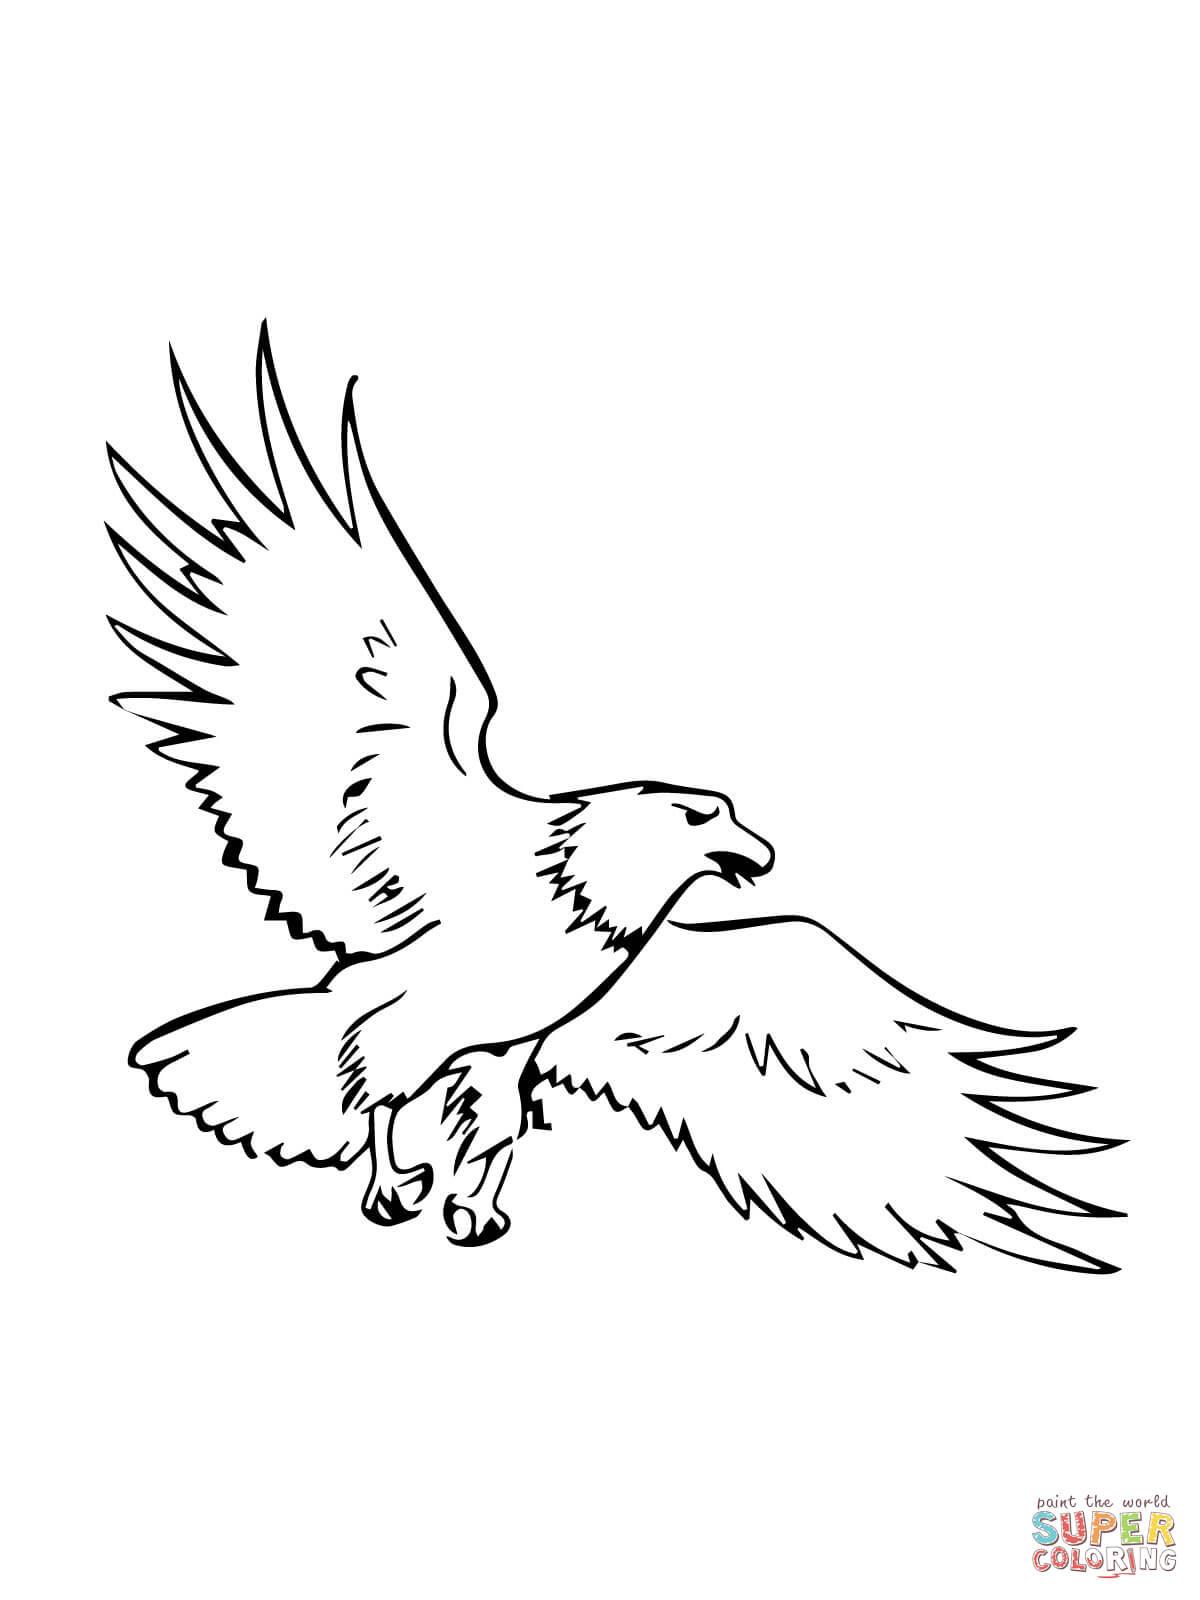 Adler Bilder Zum Ausdrucken - kinderbilderdownload